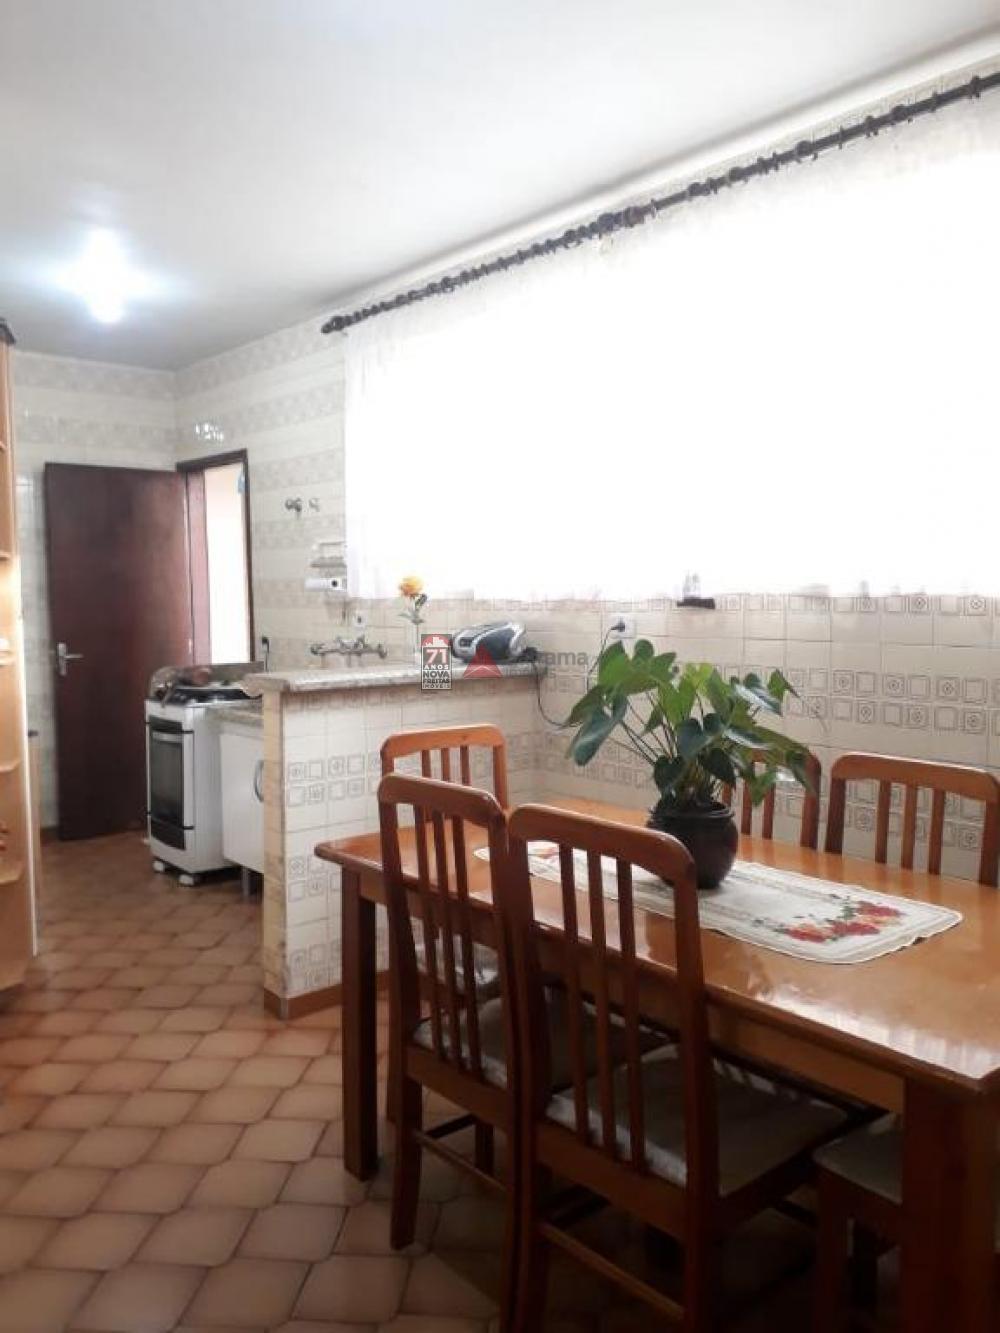 Comprar Casa / Padrão em São José dos Campos R$ 600.000,00 - Foto 5